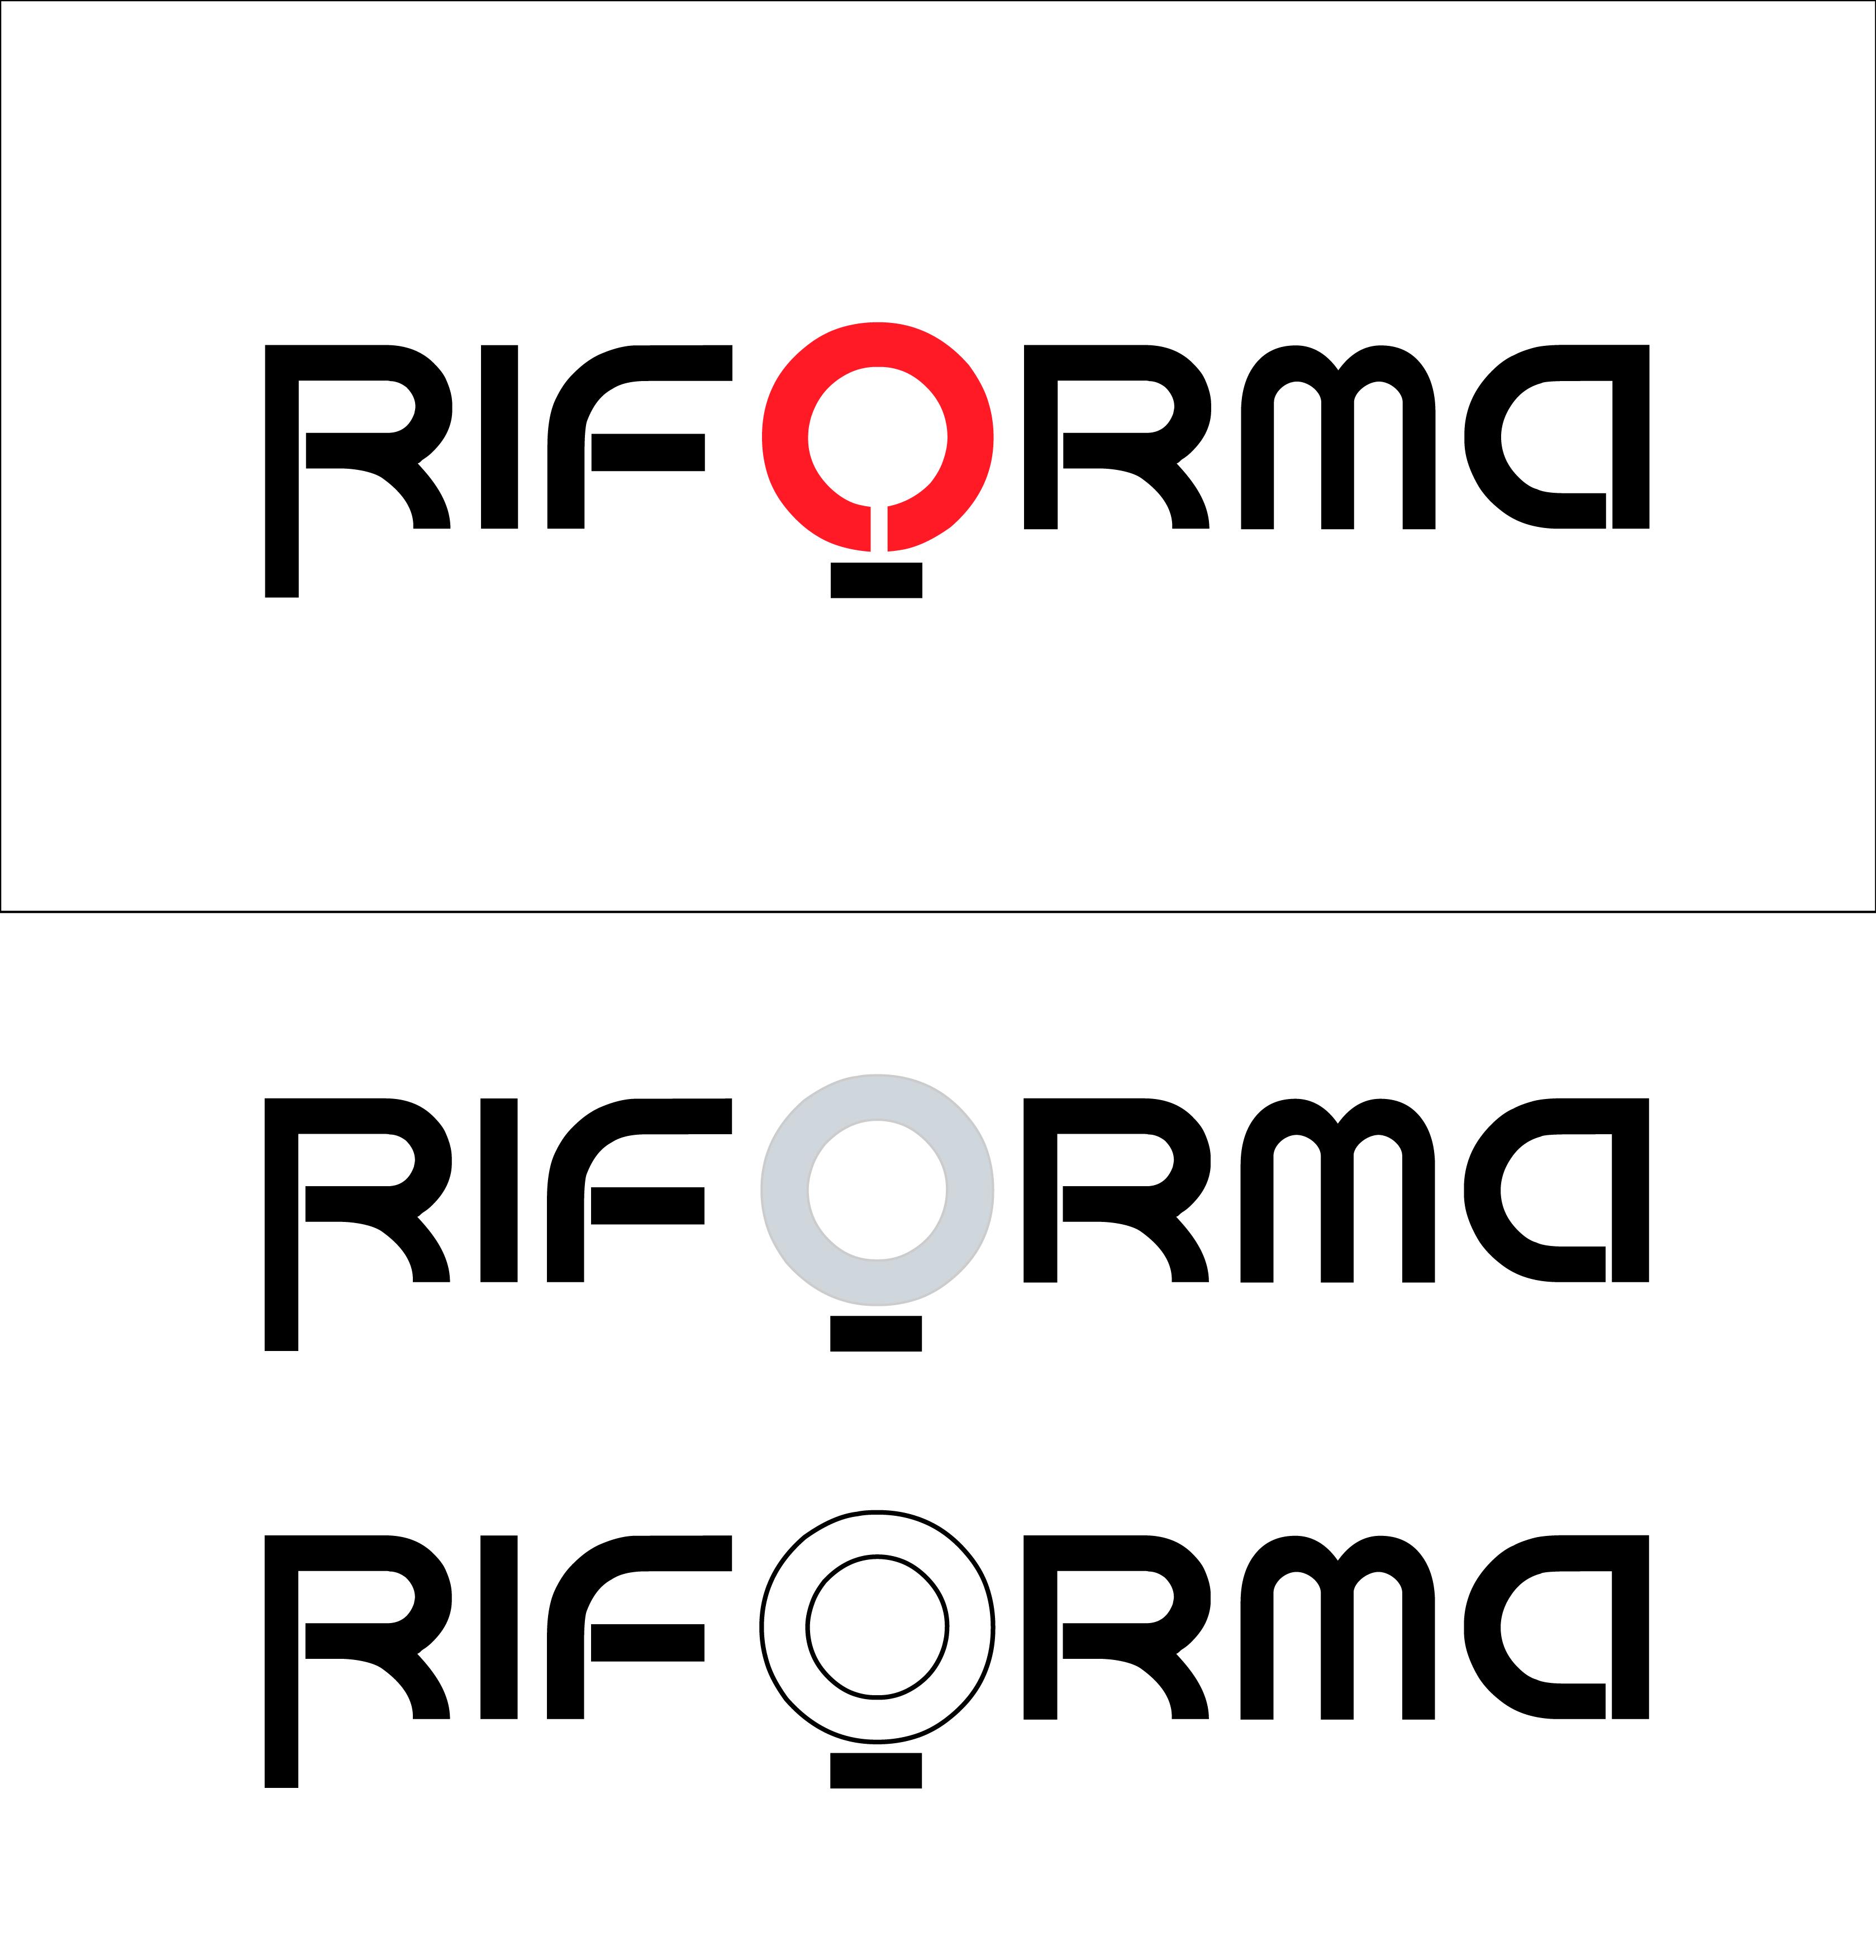 Разработка логотипа и элементов фирменного стиля фото f_71657a7442e192fa.jpg